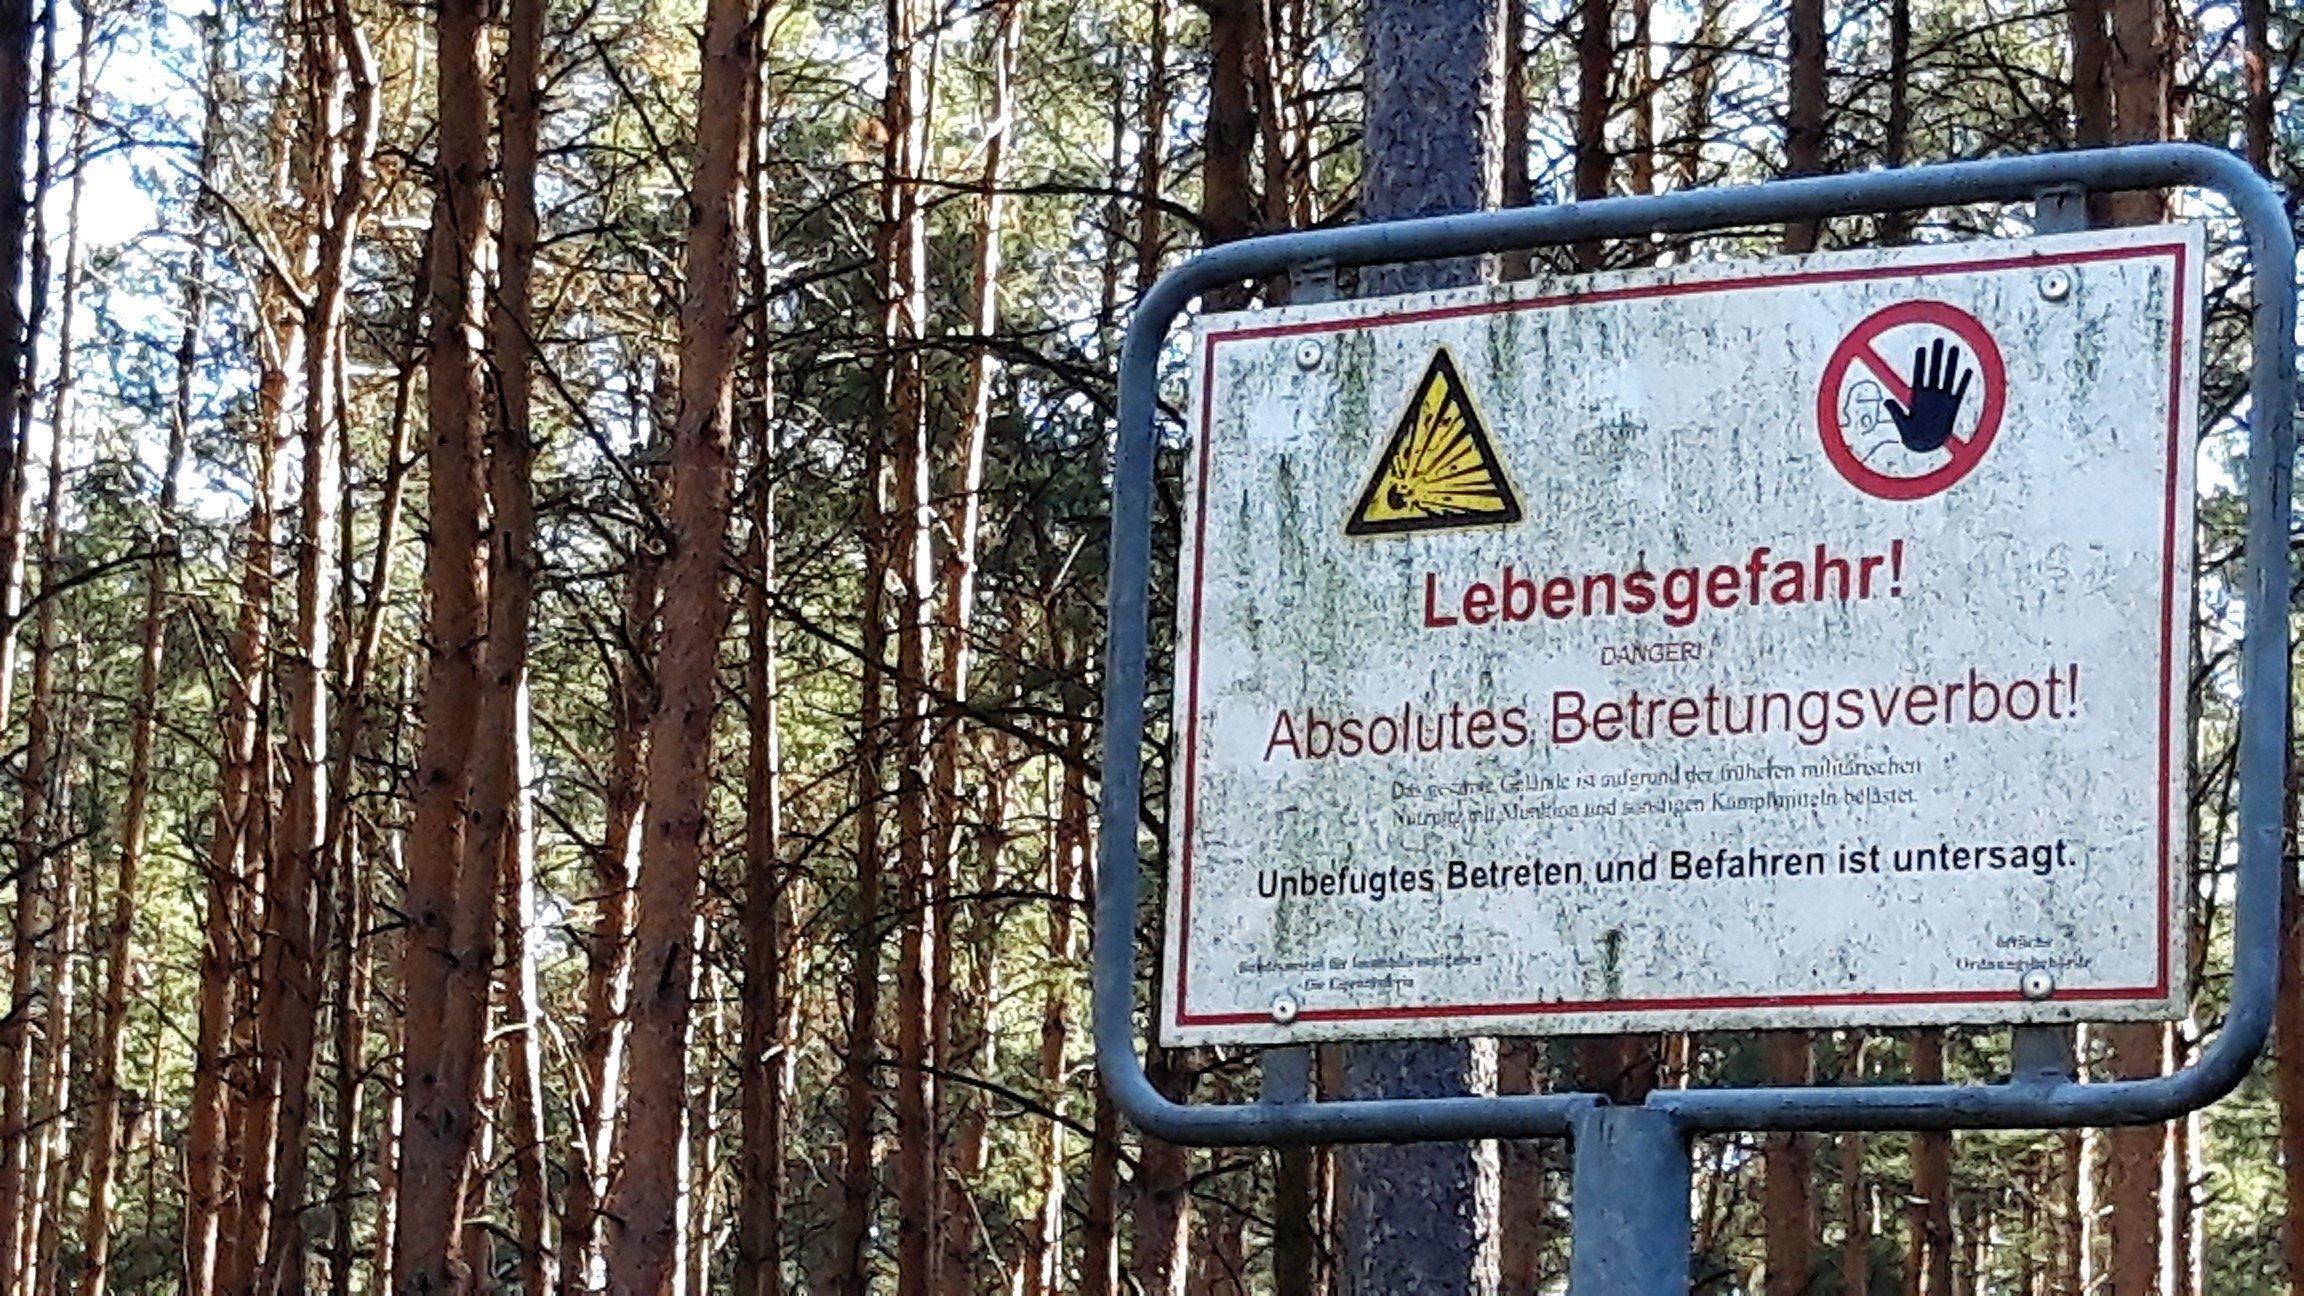 Warnschild am Wald von Lübtheen: Lebensgefahr, absolutes Betretungsverbot! Das gesamte Gelände ist aufgrund der früheren militärischen – nicht lesbar es Wort- mit Munition und sonstigen Kampfmitteln belastet. Unbefugtes Betreten und Befahren ist untersagt.